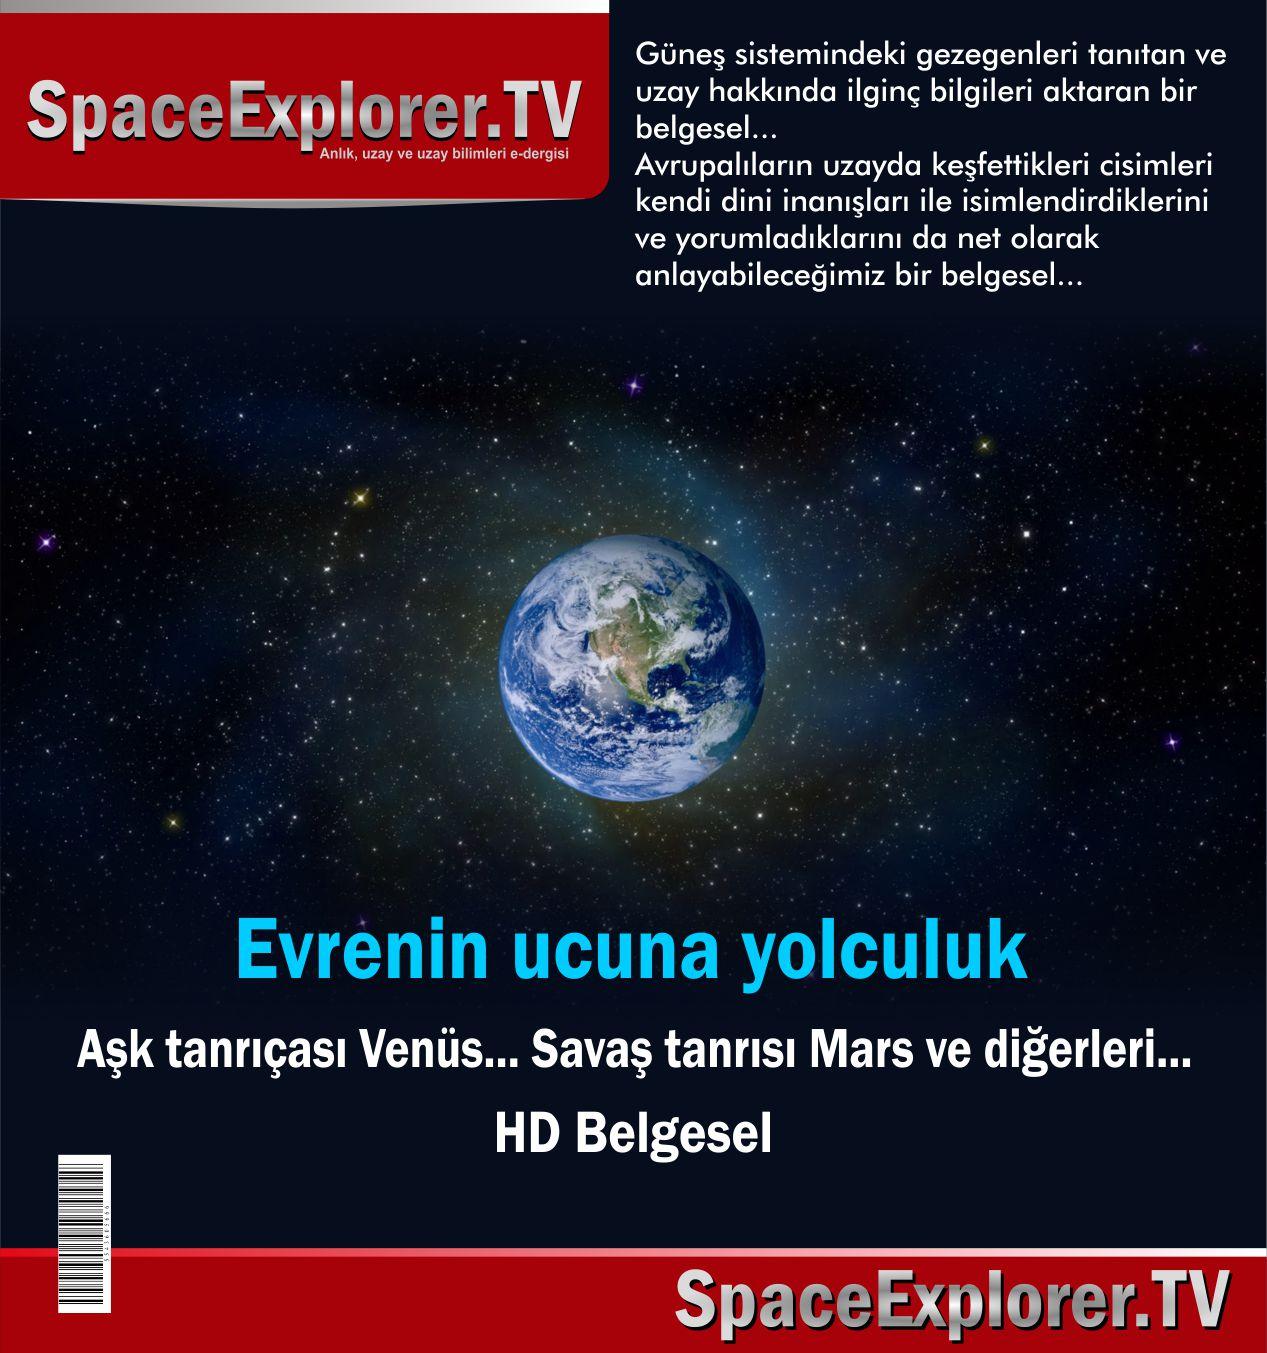 Evrenin ucuna yolculuk, Güneş sistemi, Videolar, Belgeseller, Ay, Mars, Venüs, Kuyruklu yıldızlar, Uzayda hayat var mı?, Evren, Kainat, Evrende yalnız mıyız?,